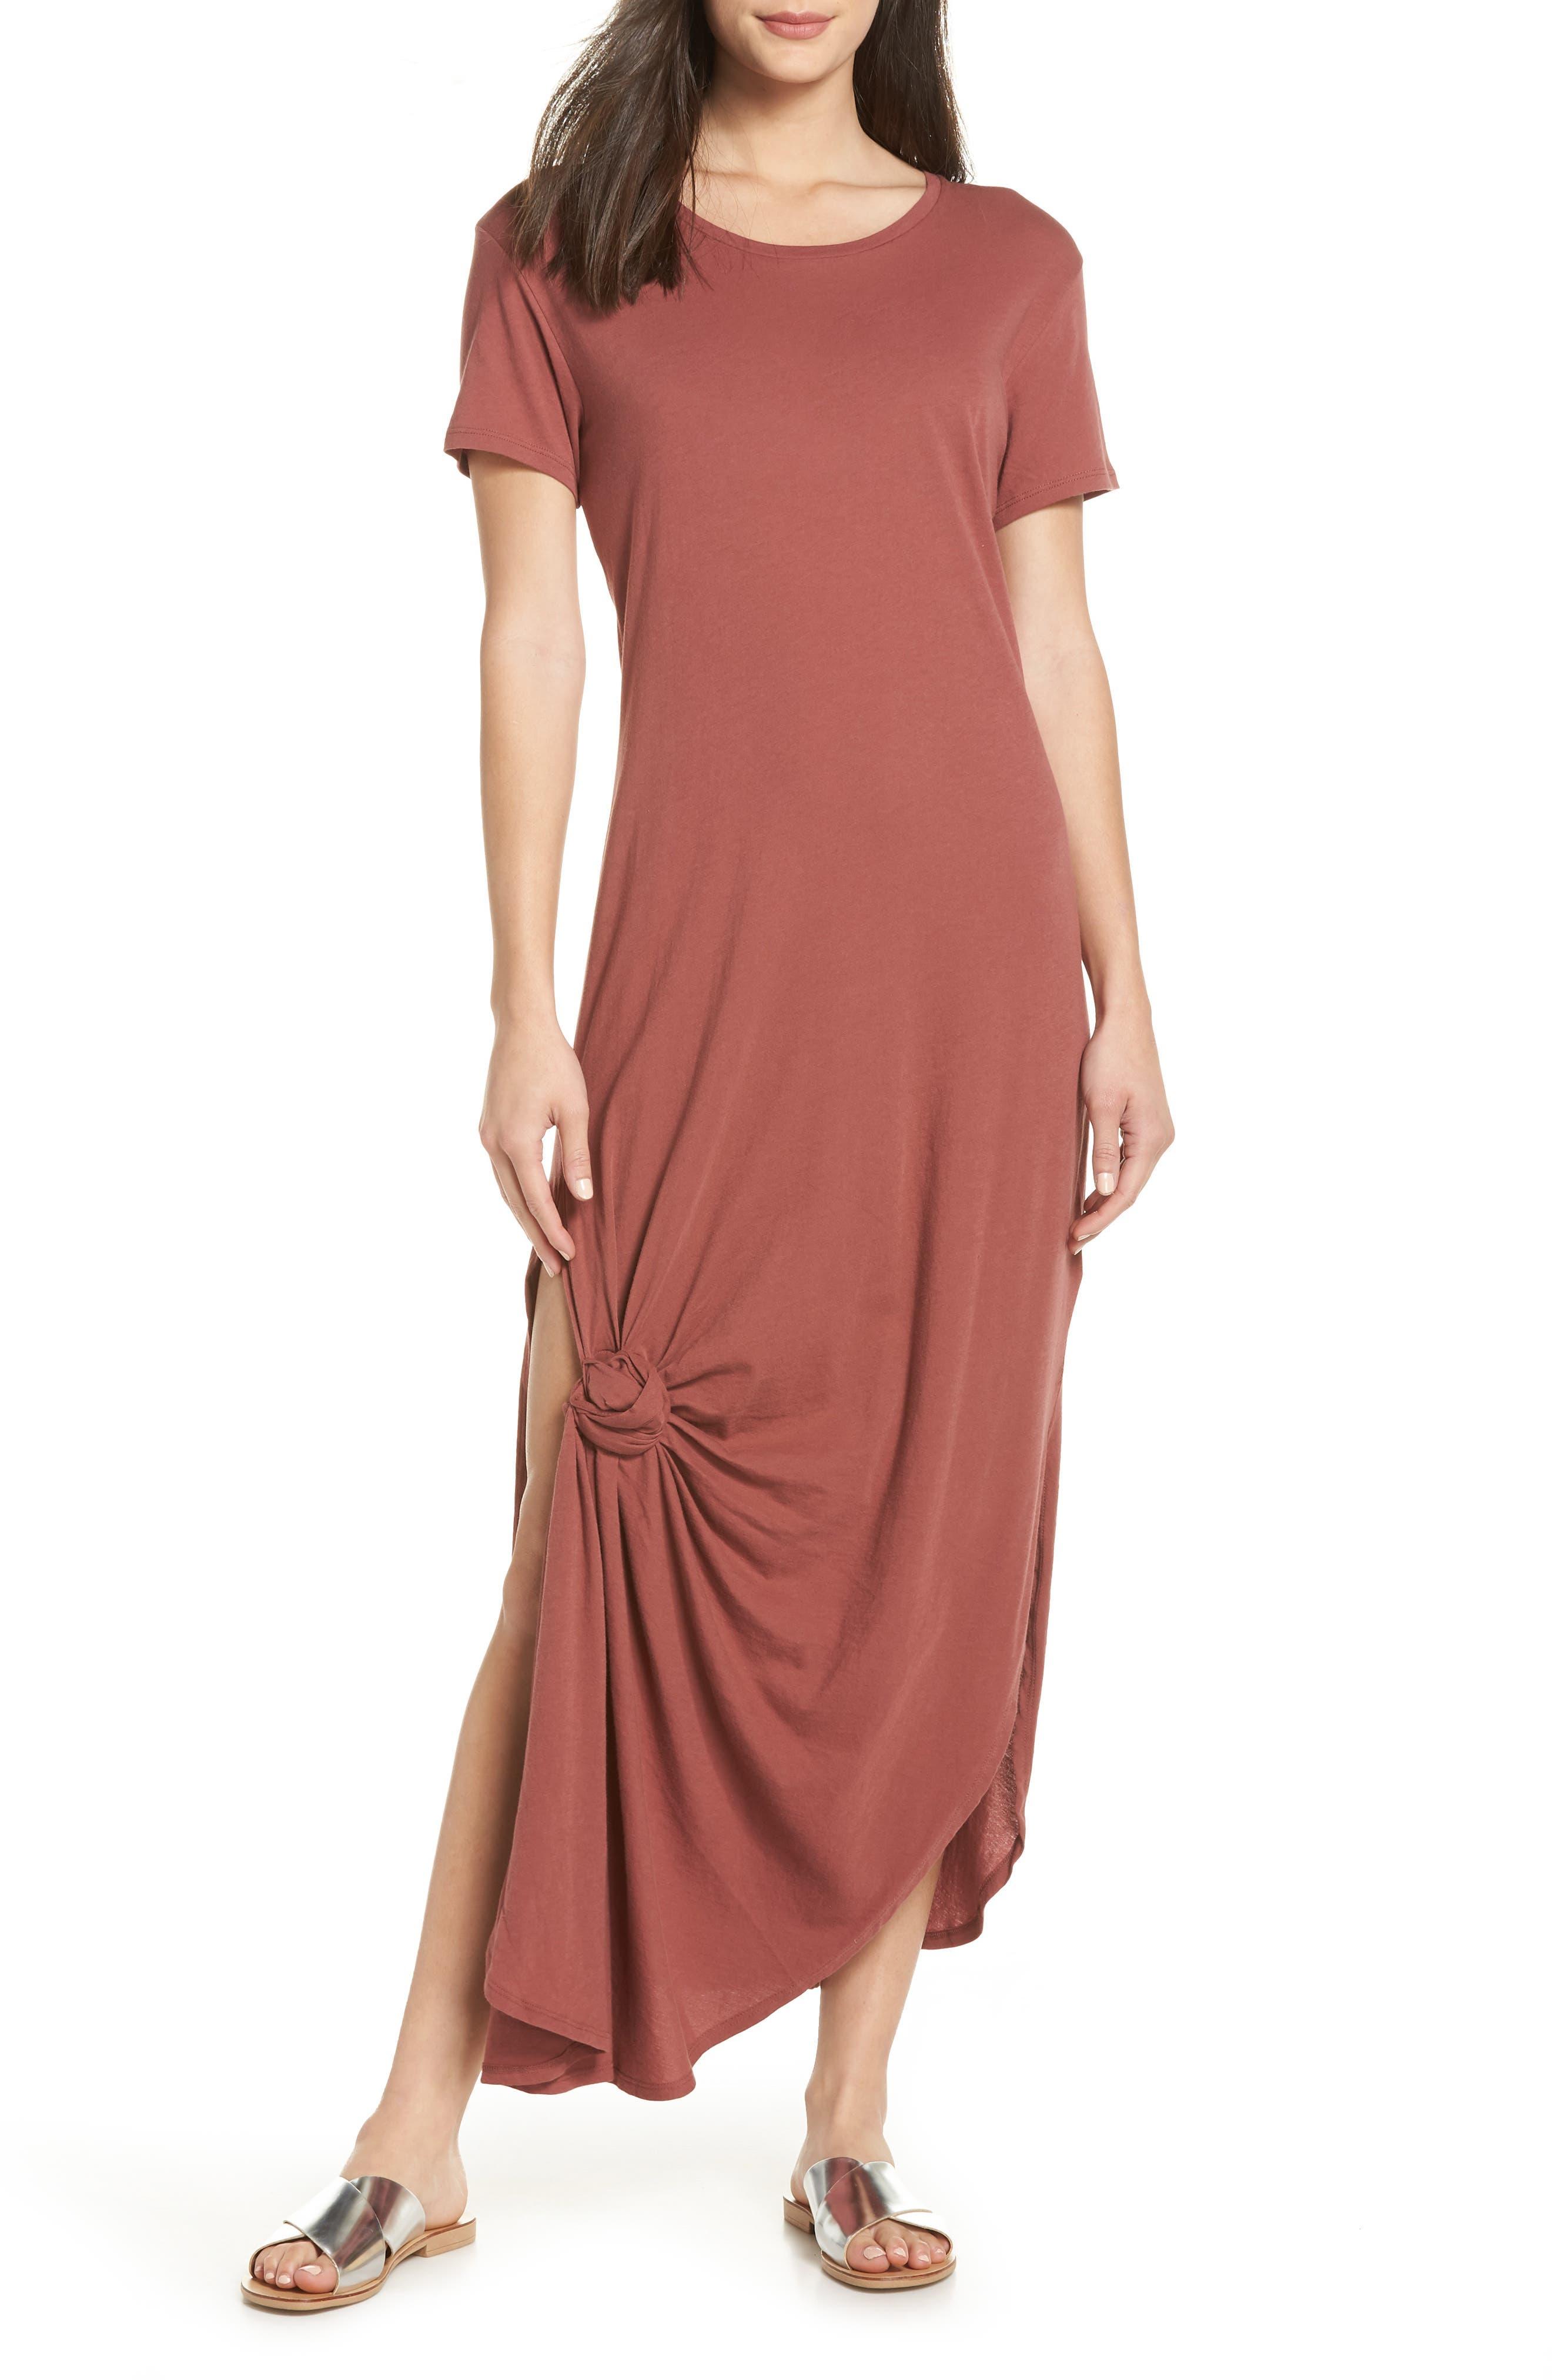 Jones Cover-Up Dress,                             Main thumbnail 1, color,                             VINTAGE BERRY